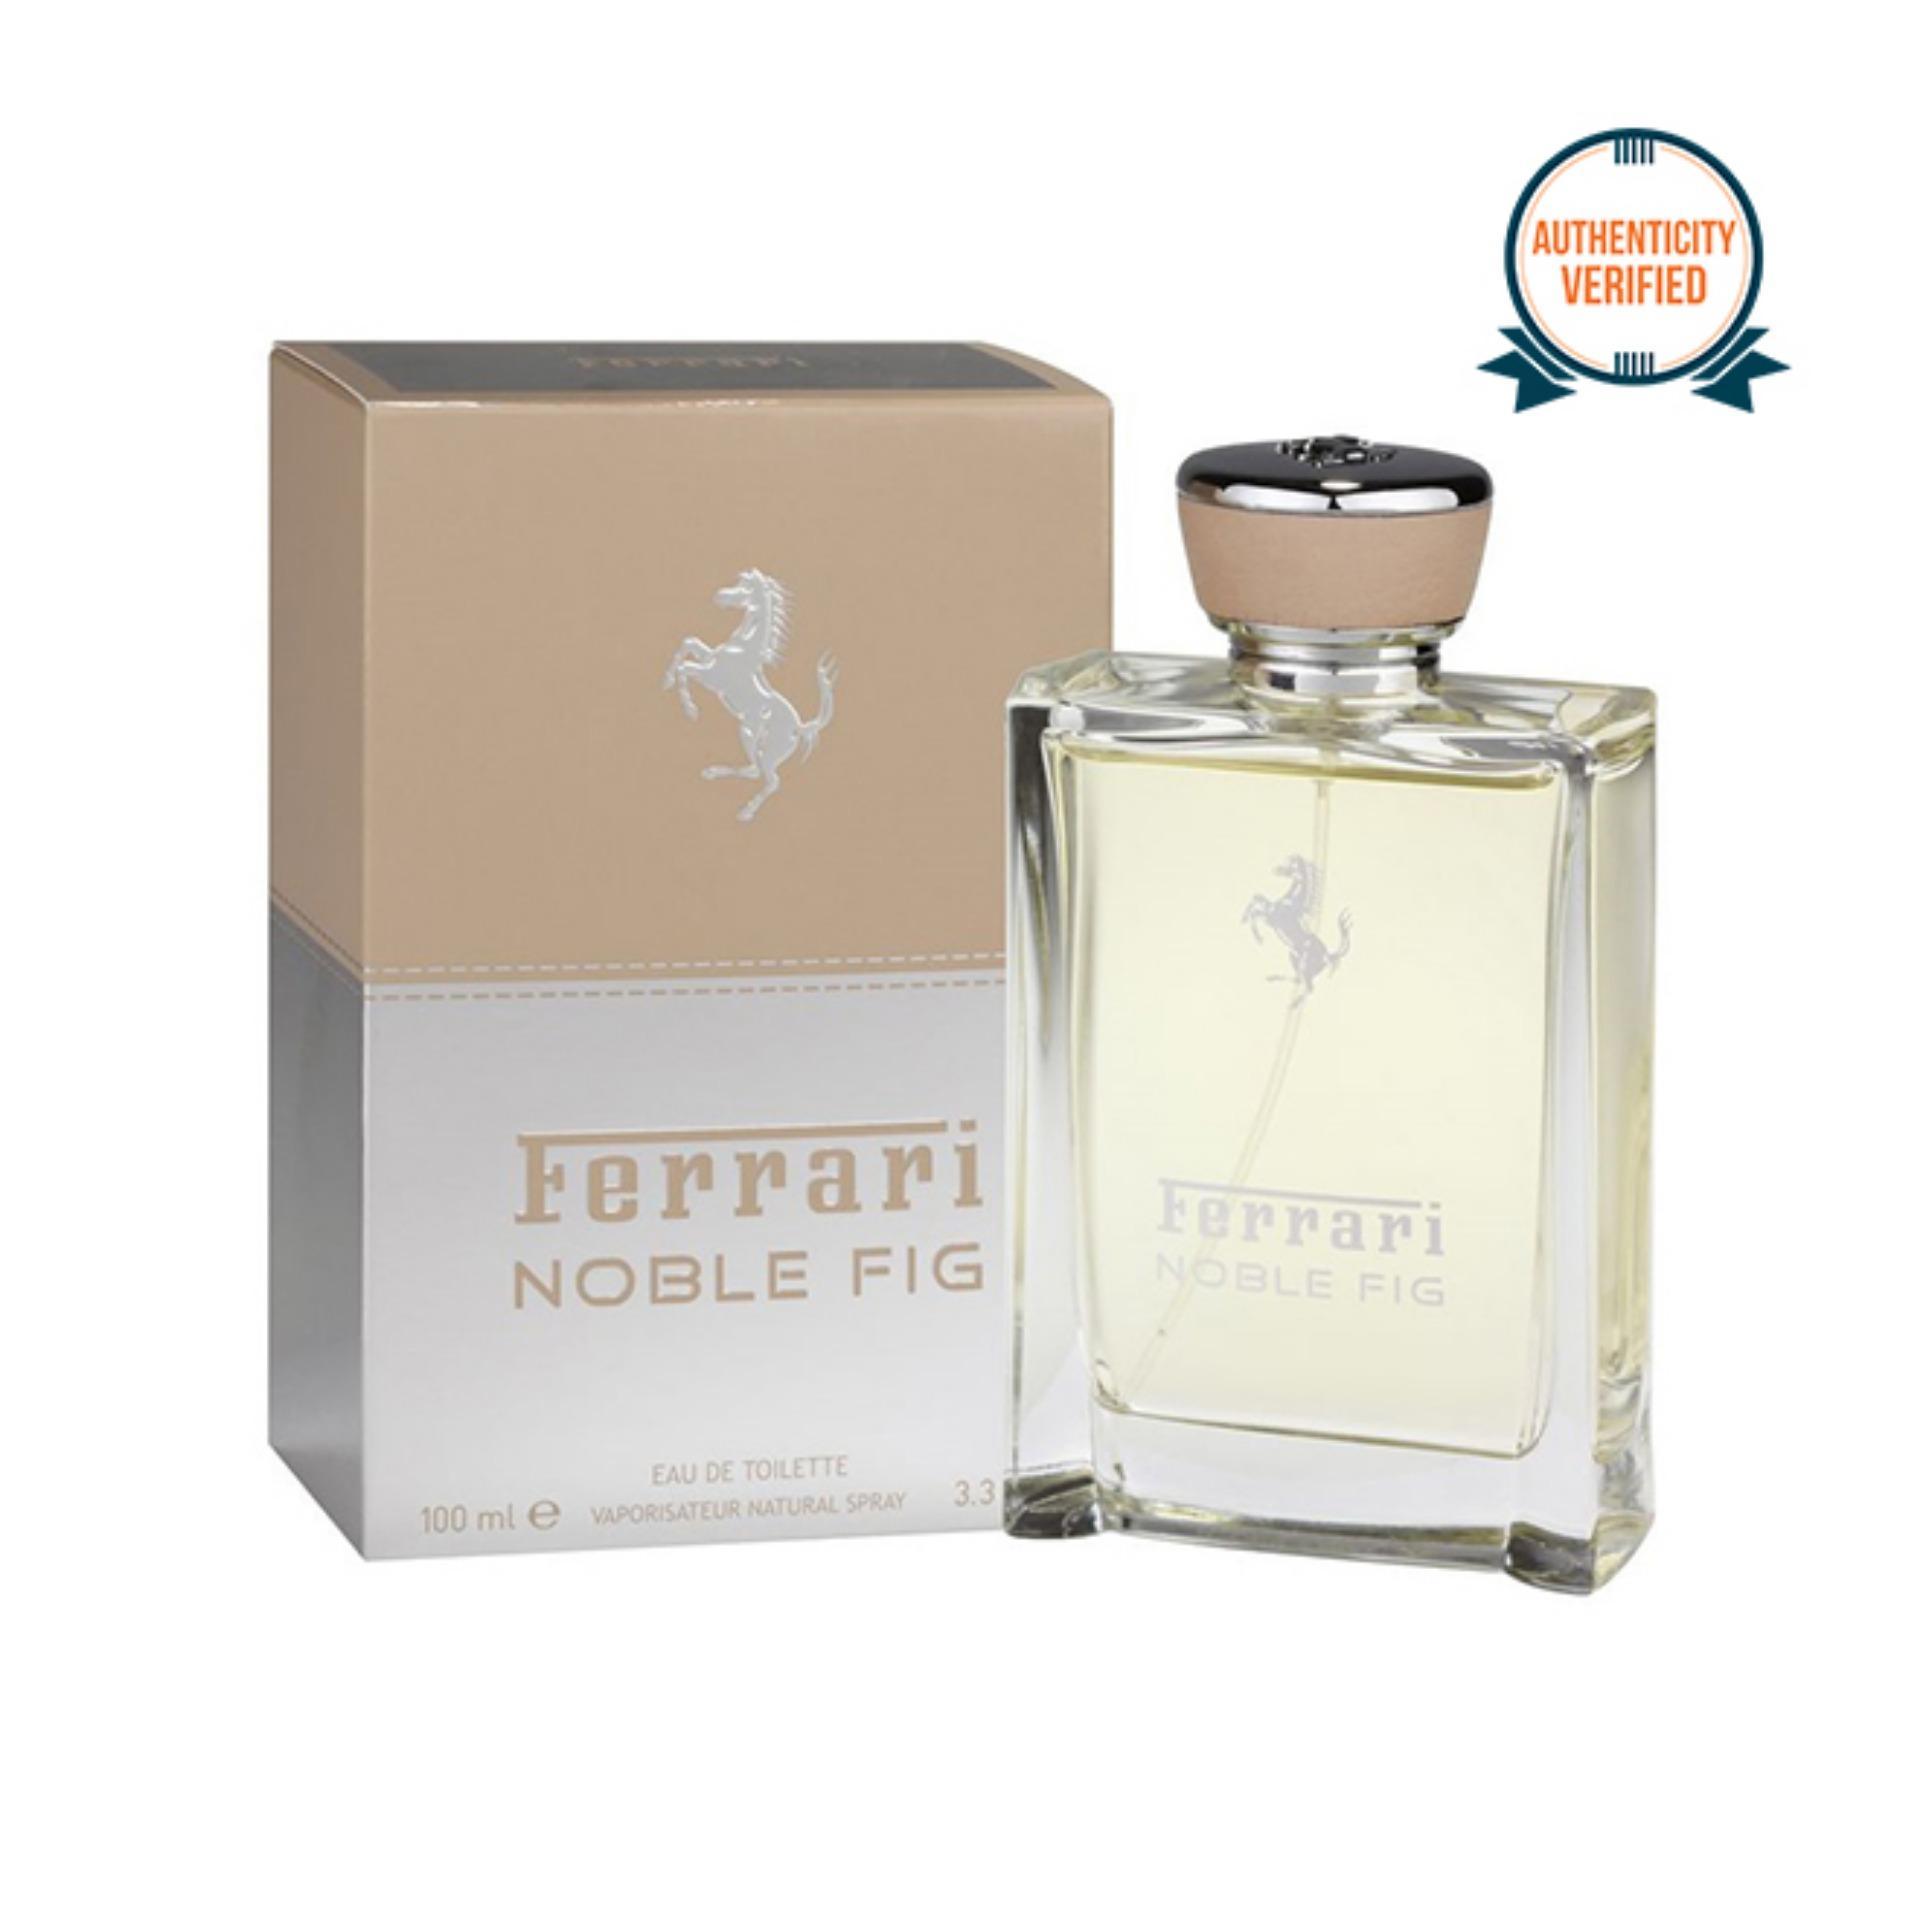 essence men toilette review oz spray eau parfum ferrari fragrancenet com oudferrari cologne black de oud